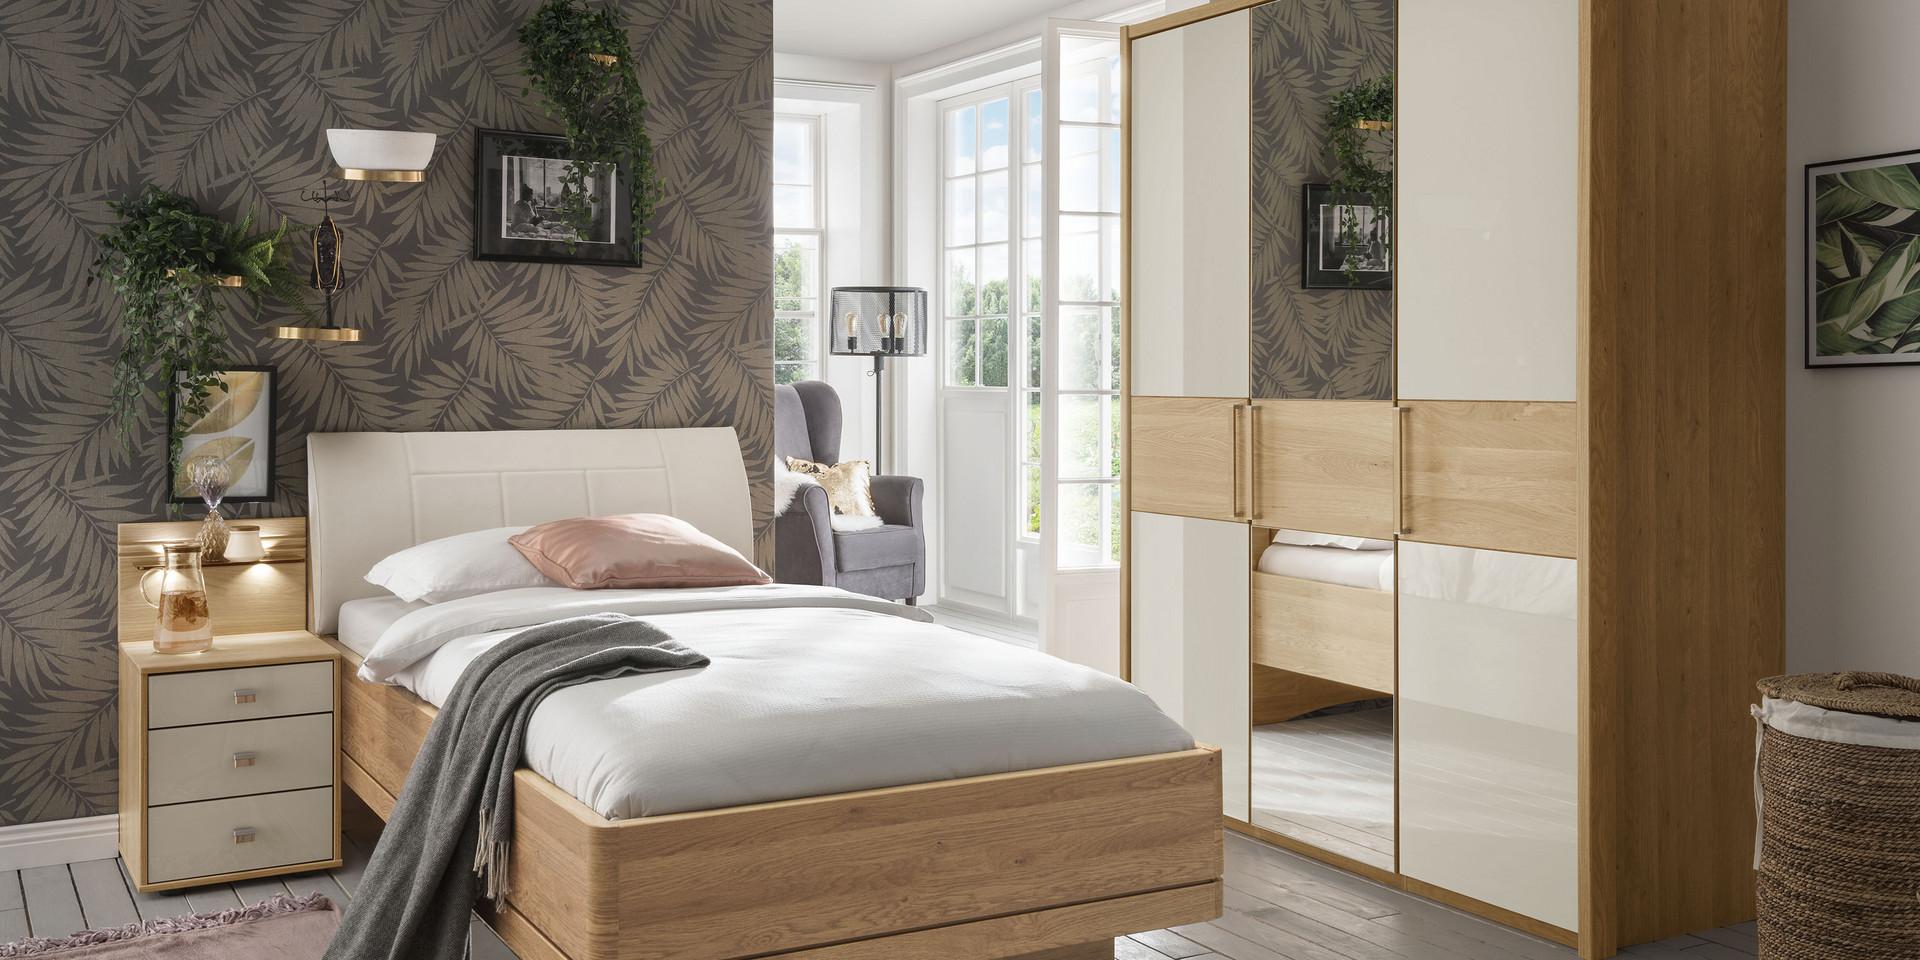 erleben sie das schlafzimmer kiruna | möbelhersteller